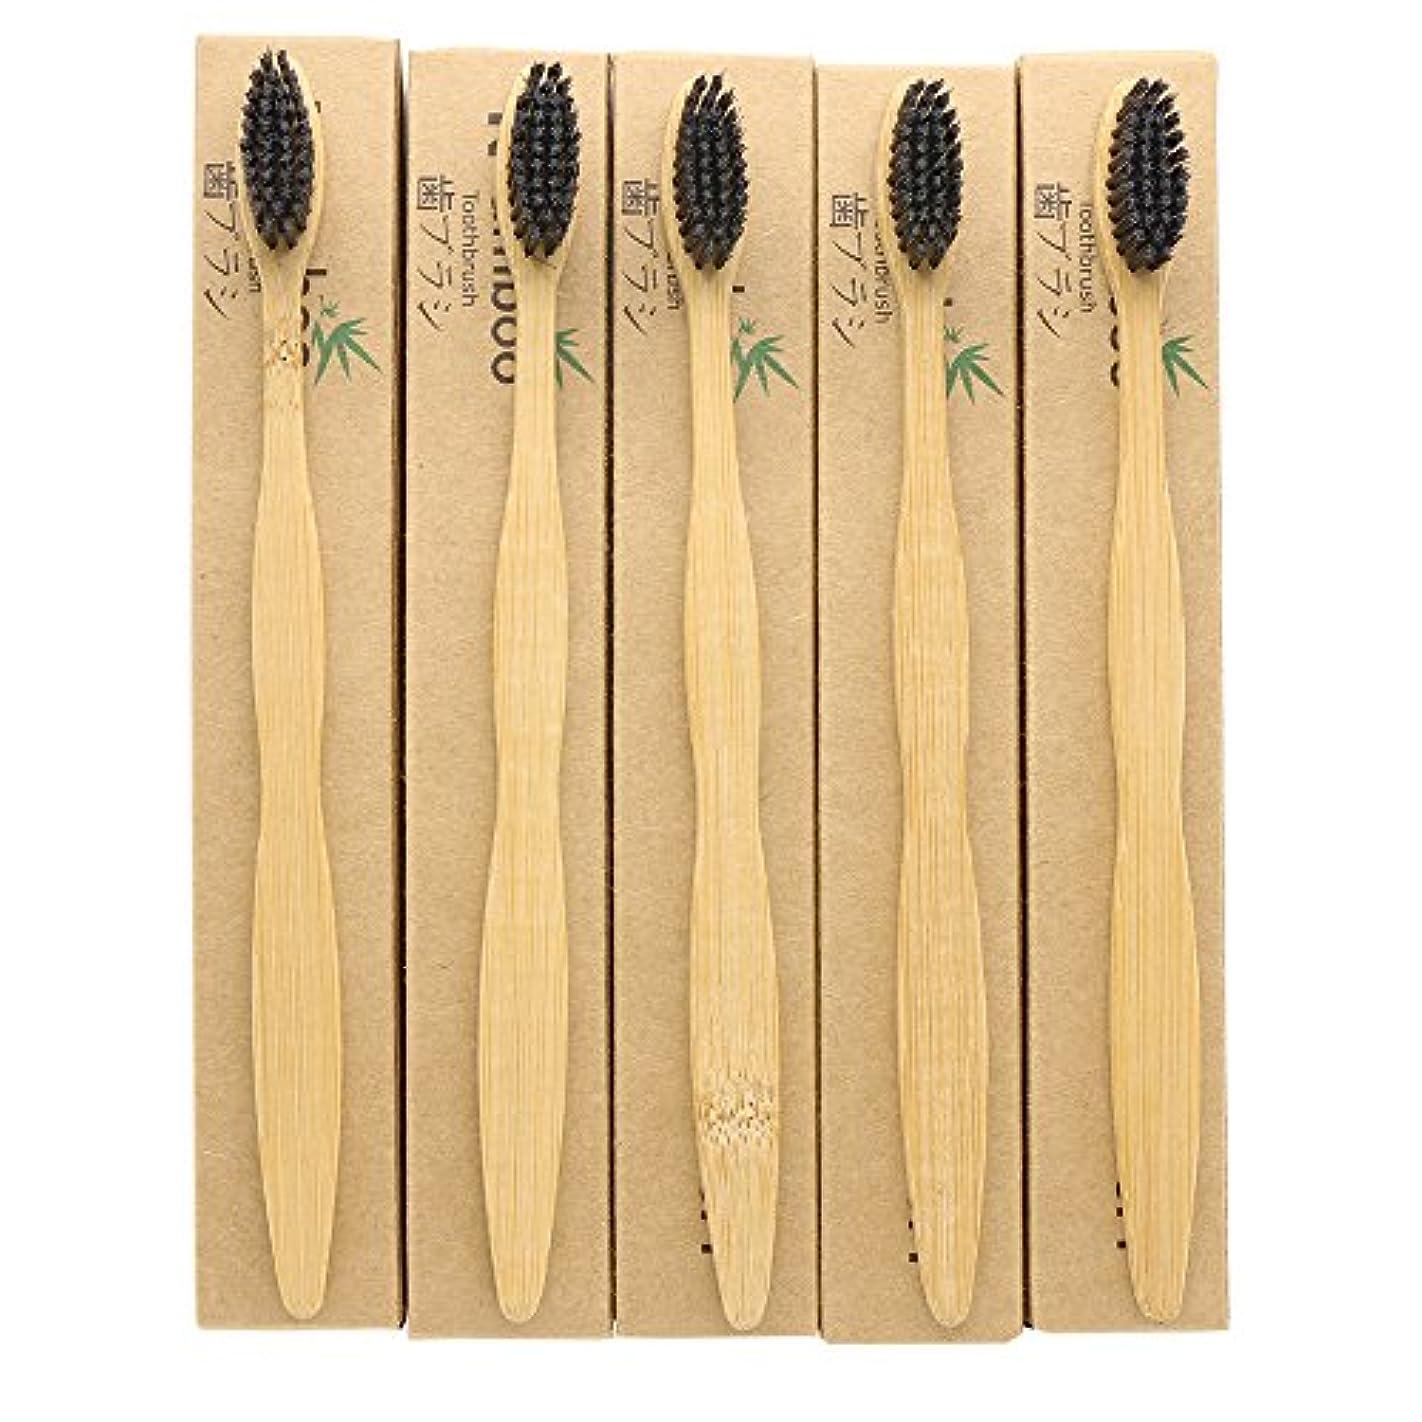 中断ビンリストN-amboo 歯ブラシ 5本入り 竹製 耐久性 黒